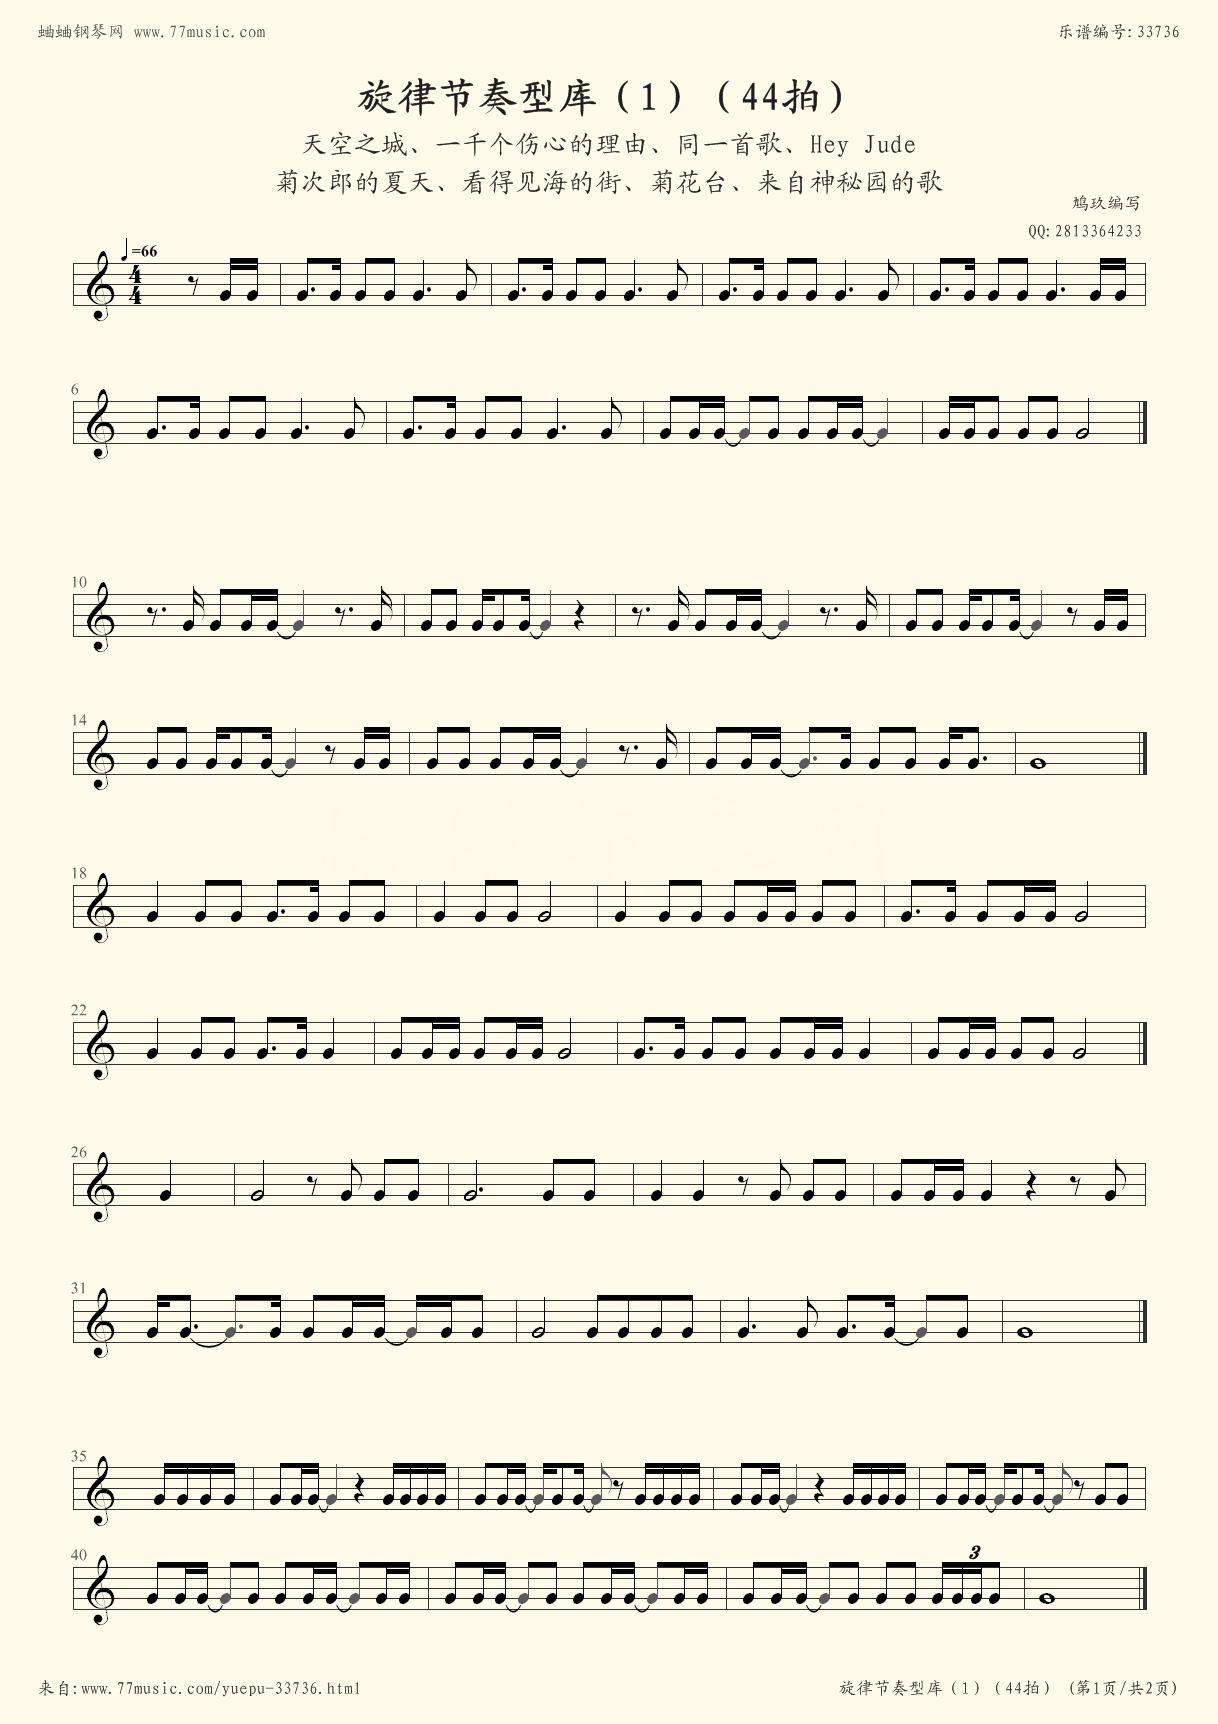 是中国流行音乐人男歌手周杰伦演唱的一首歌曲,由周杰伦谱曲方文山图片